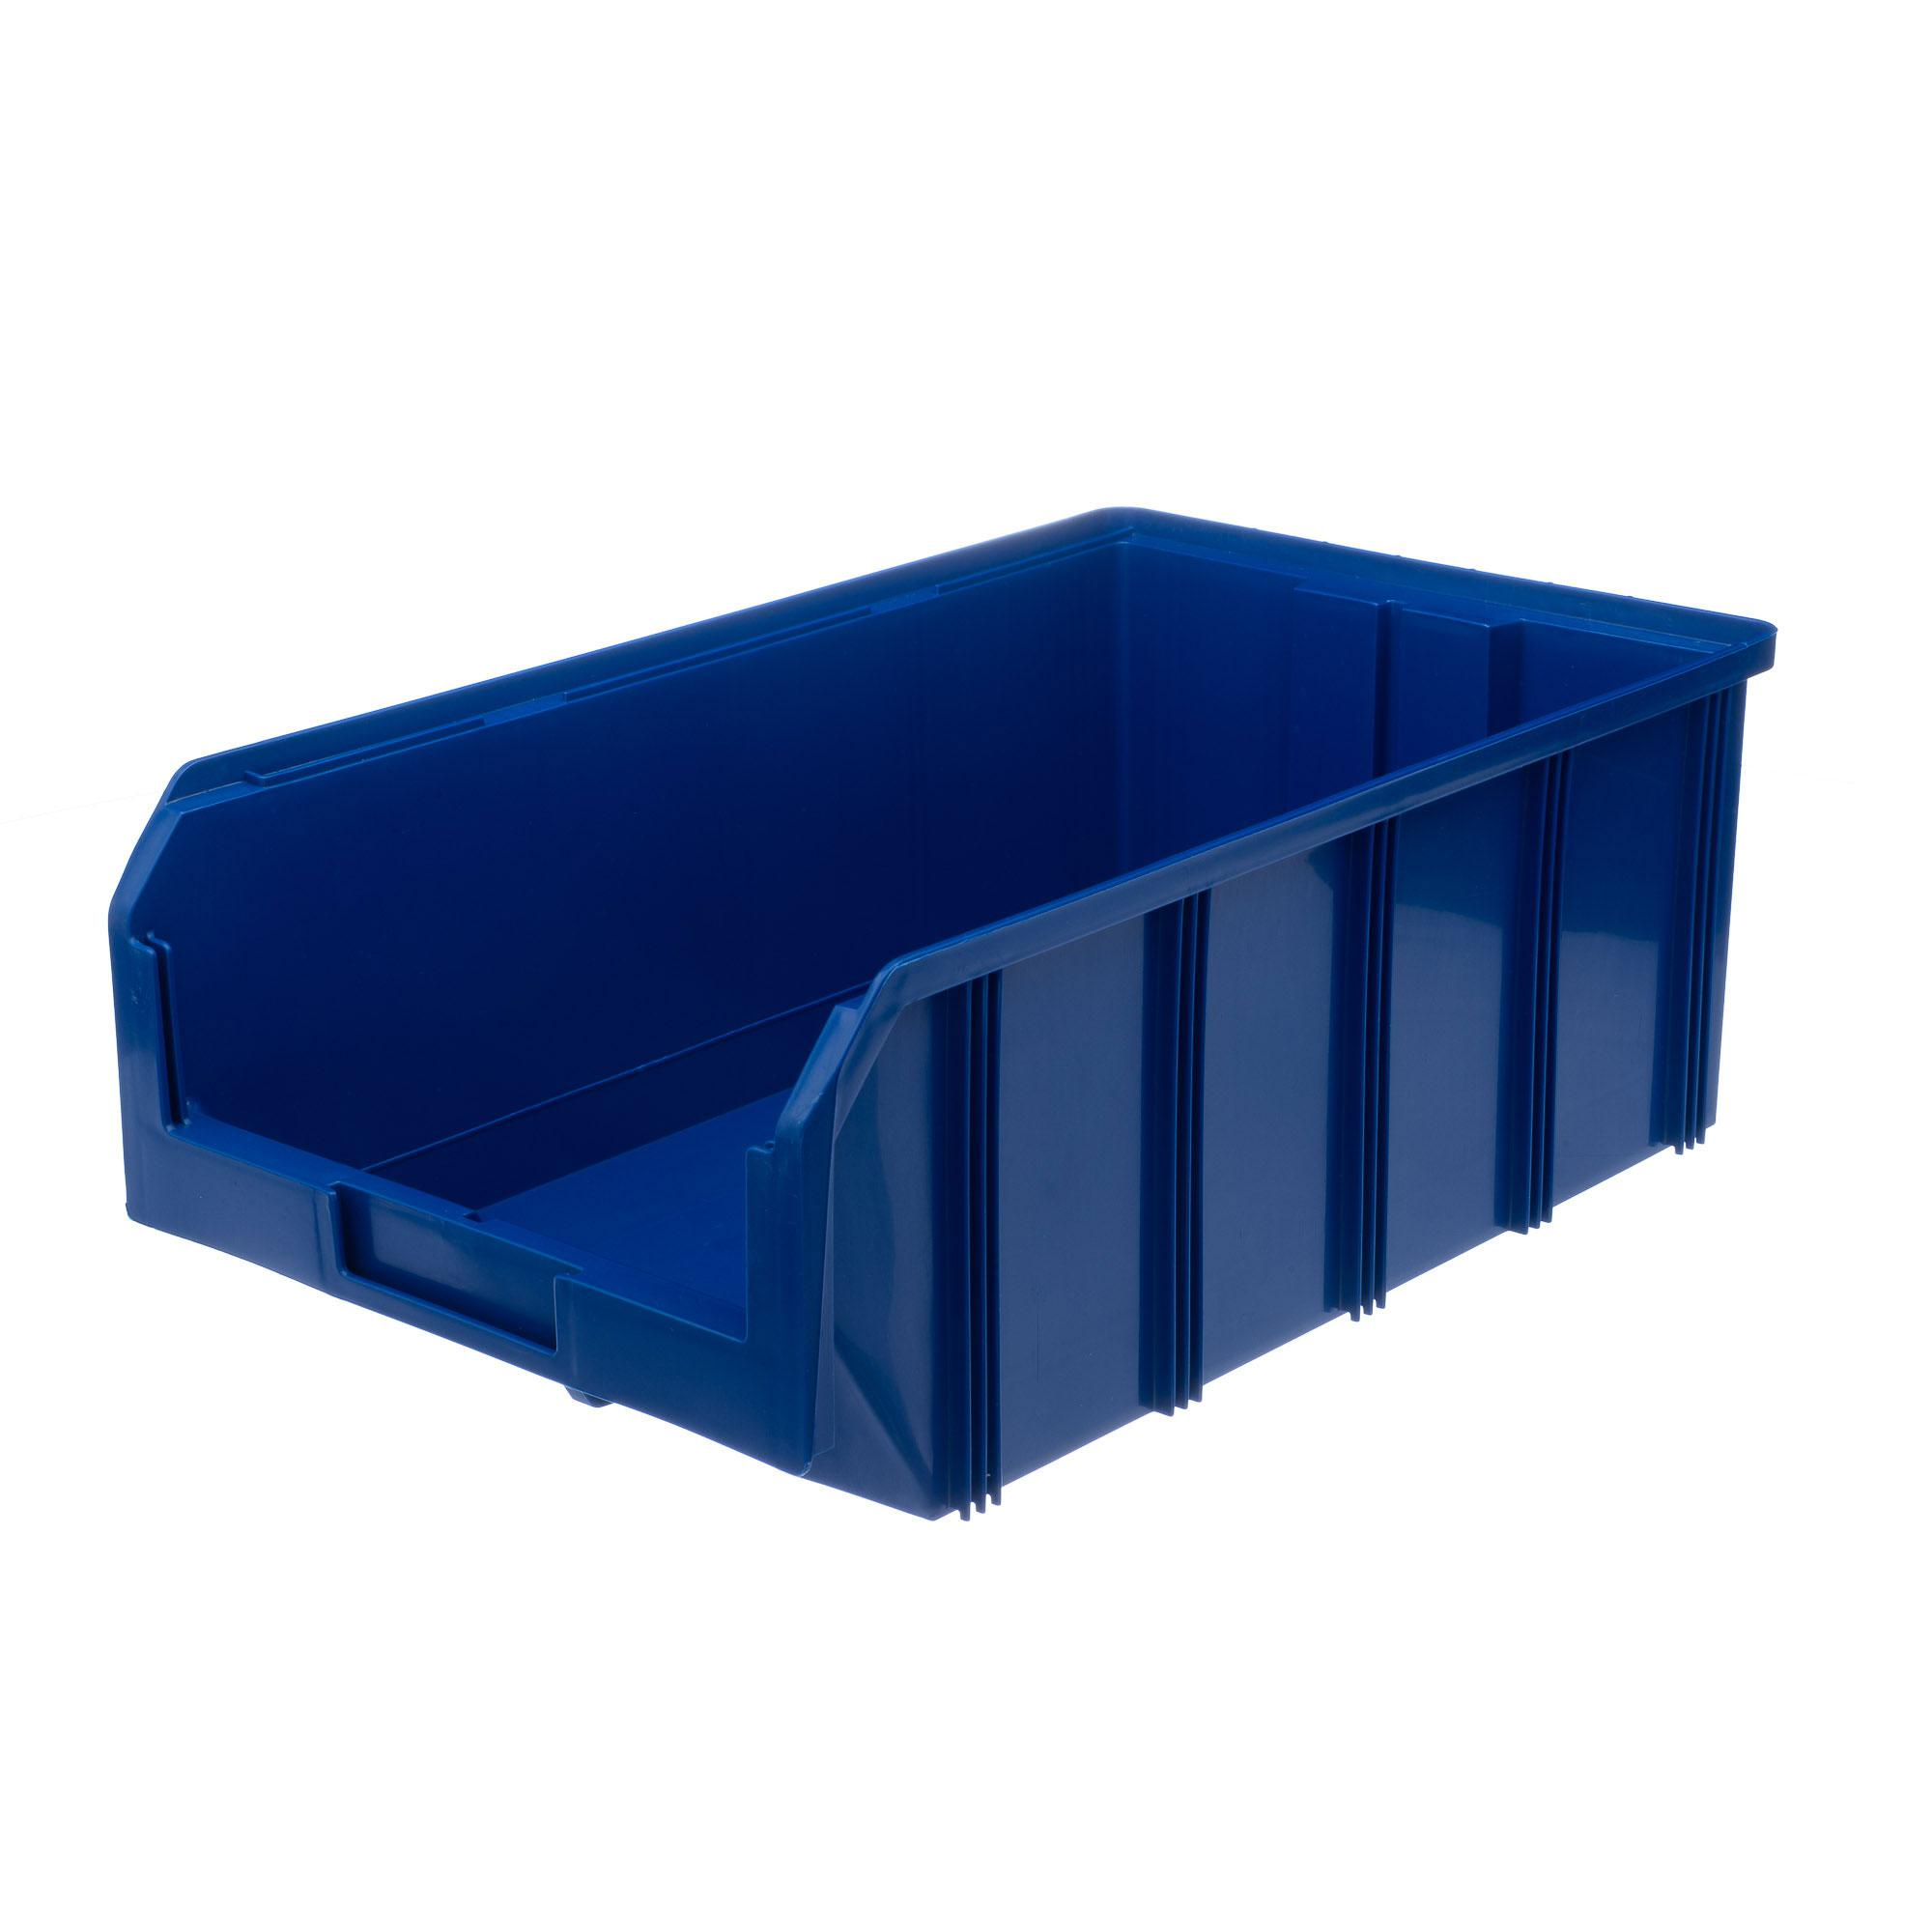 Ящик СТЕЛЛА V-4 синий стойка стелла с1 00 09 00 синий